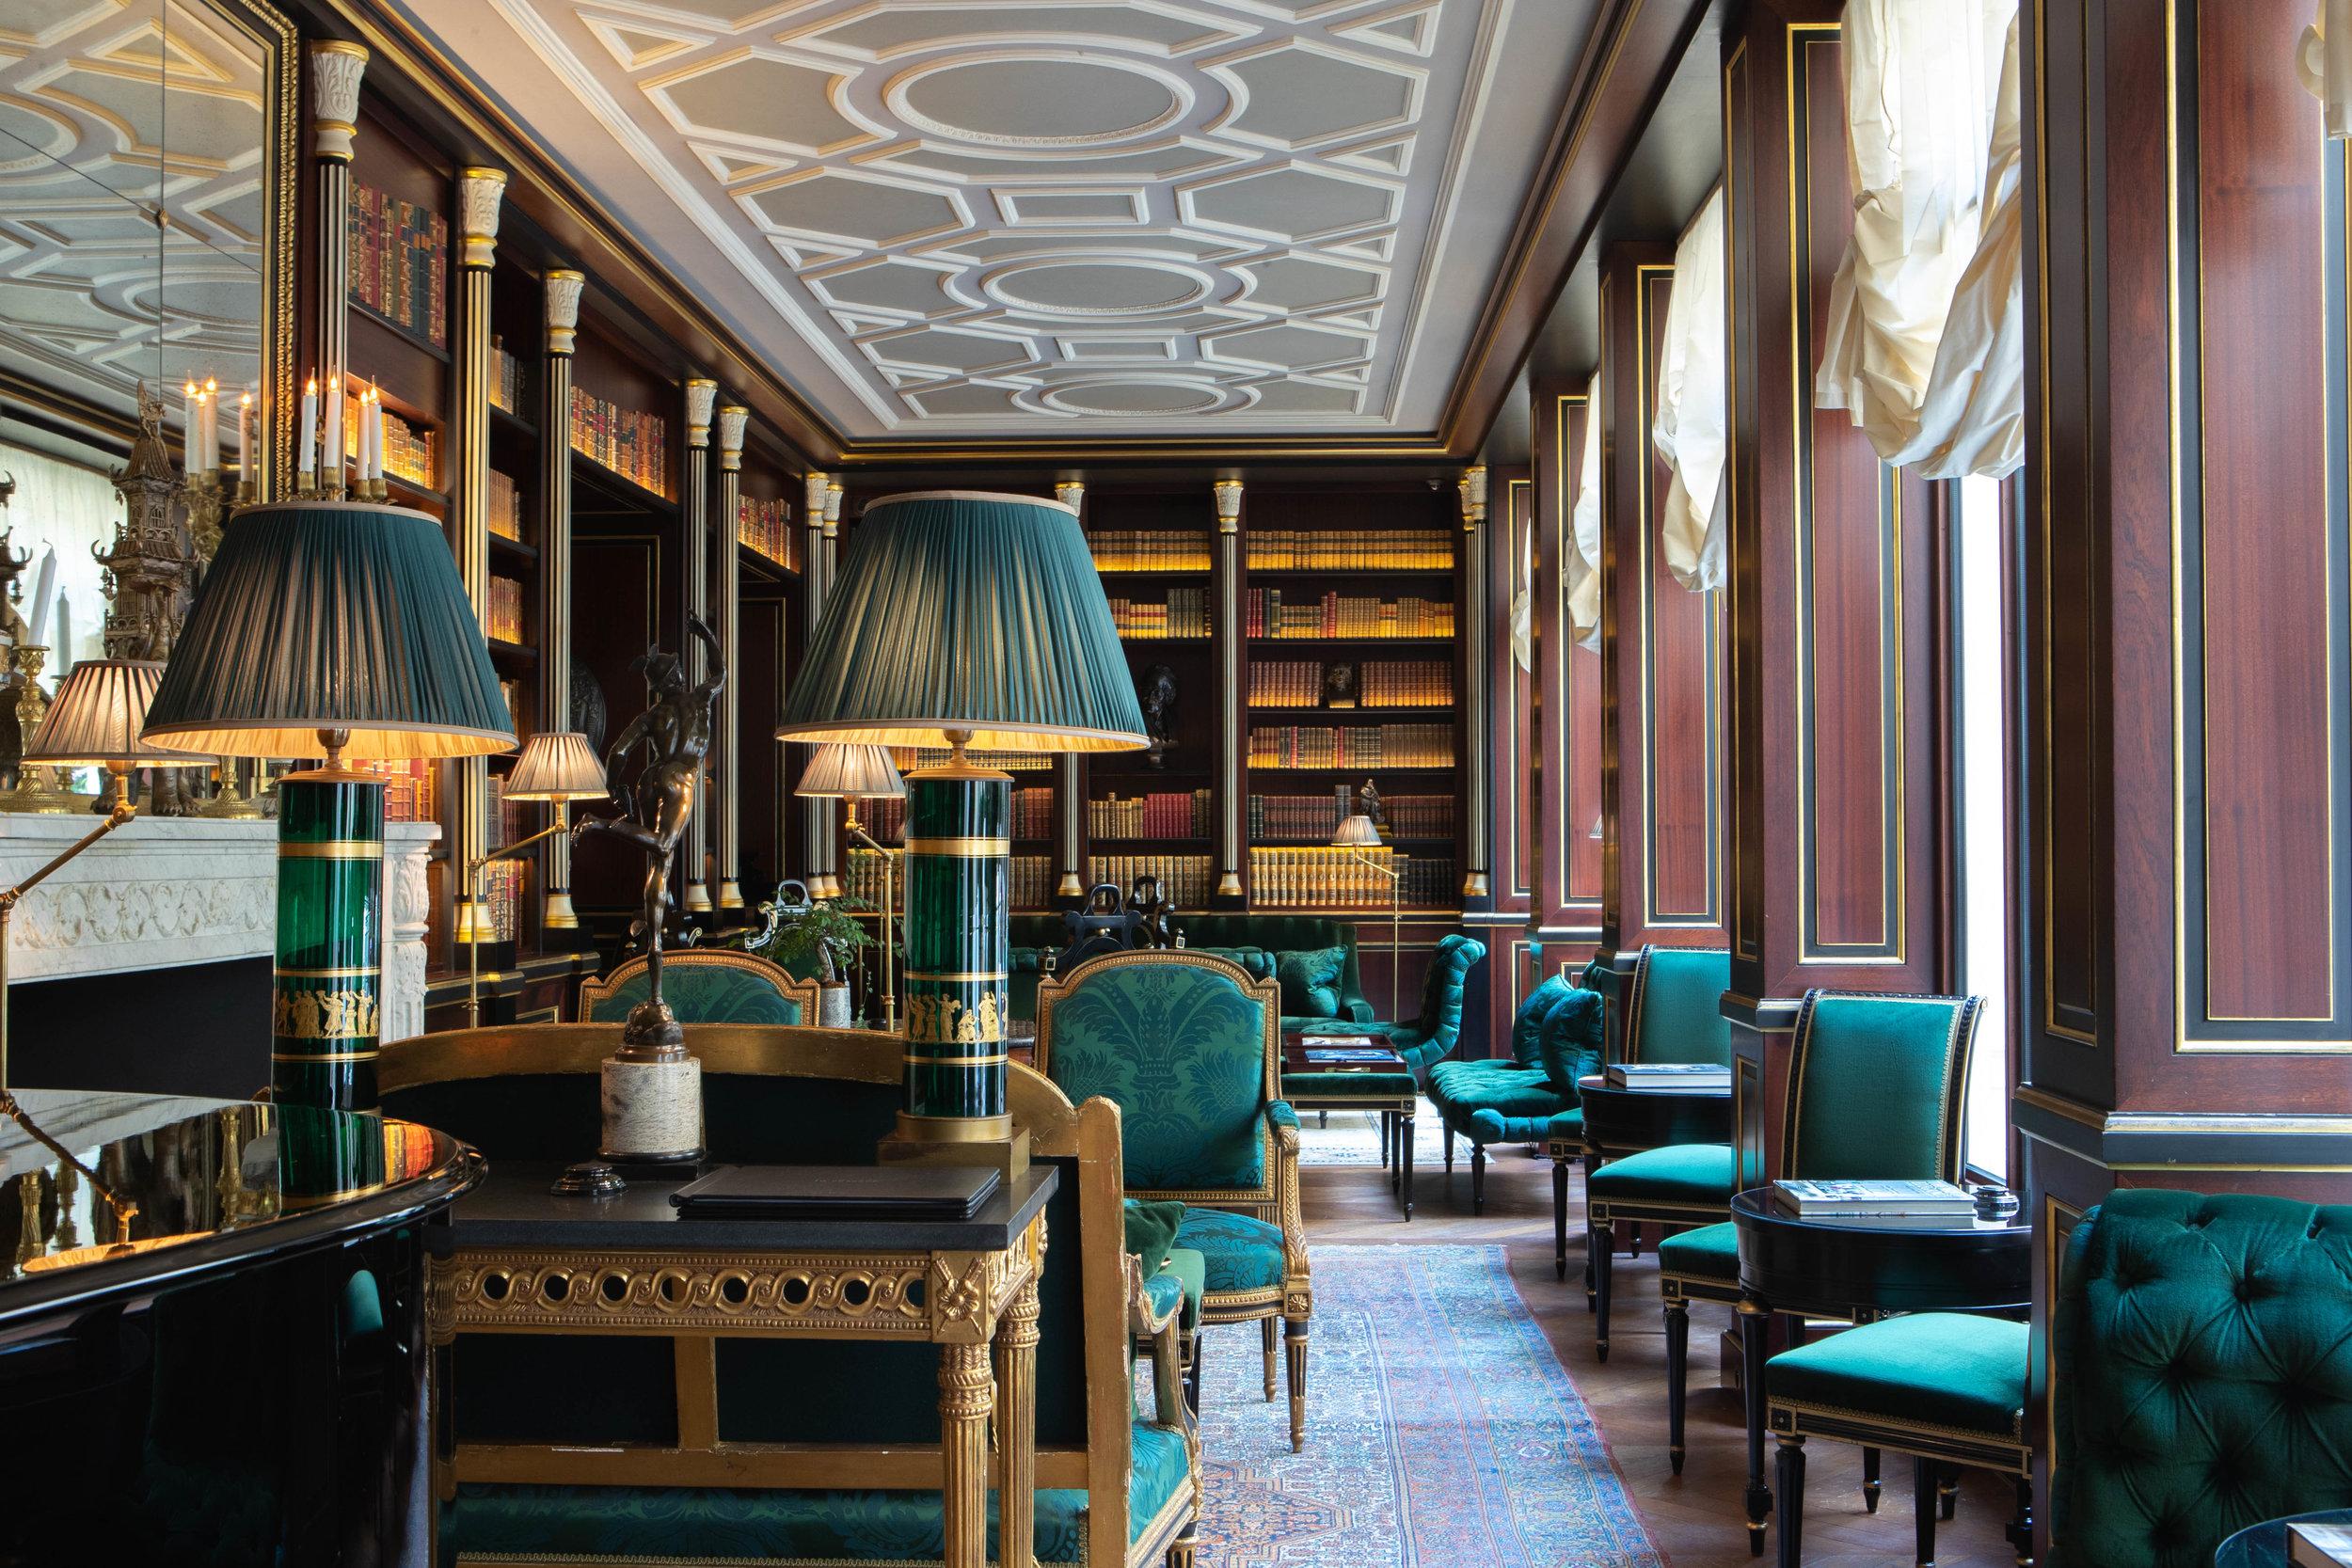 La Réserve Hotel & Spa - Bibliotheque - Crédits photo G. Gardette - La Réserve Paris.jpg